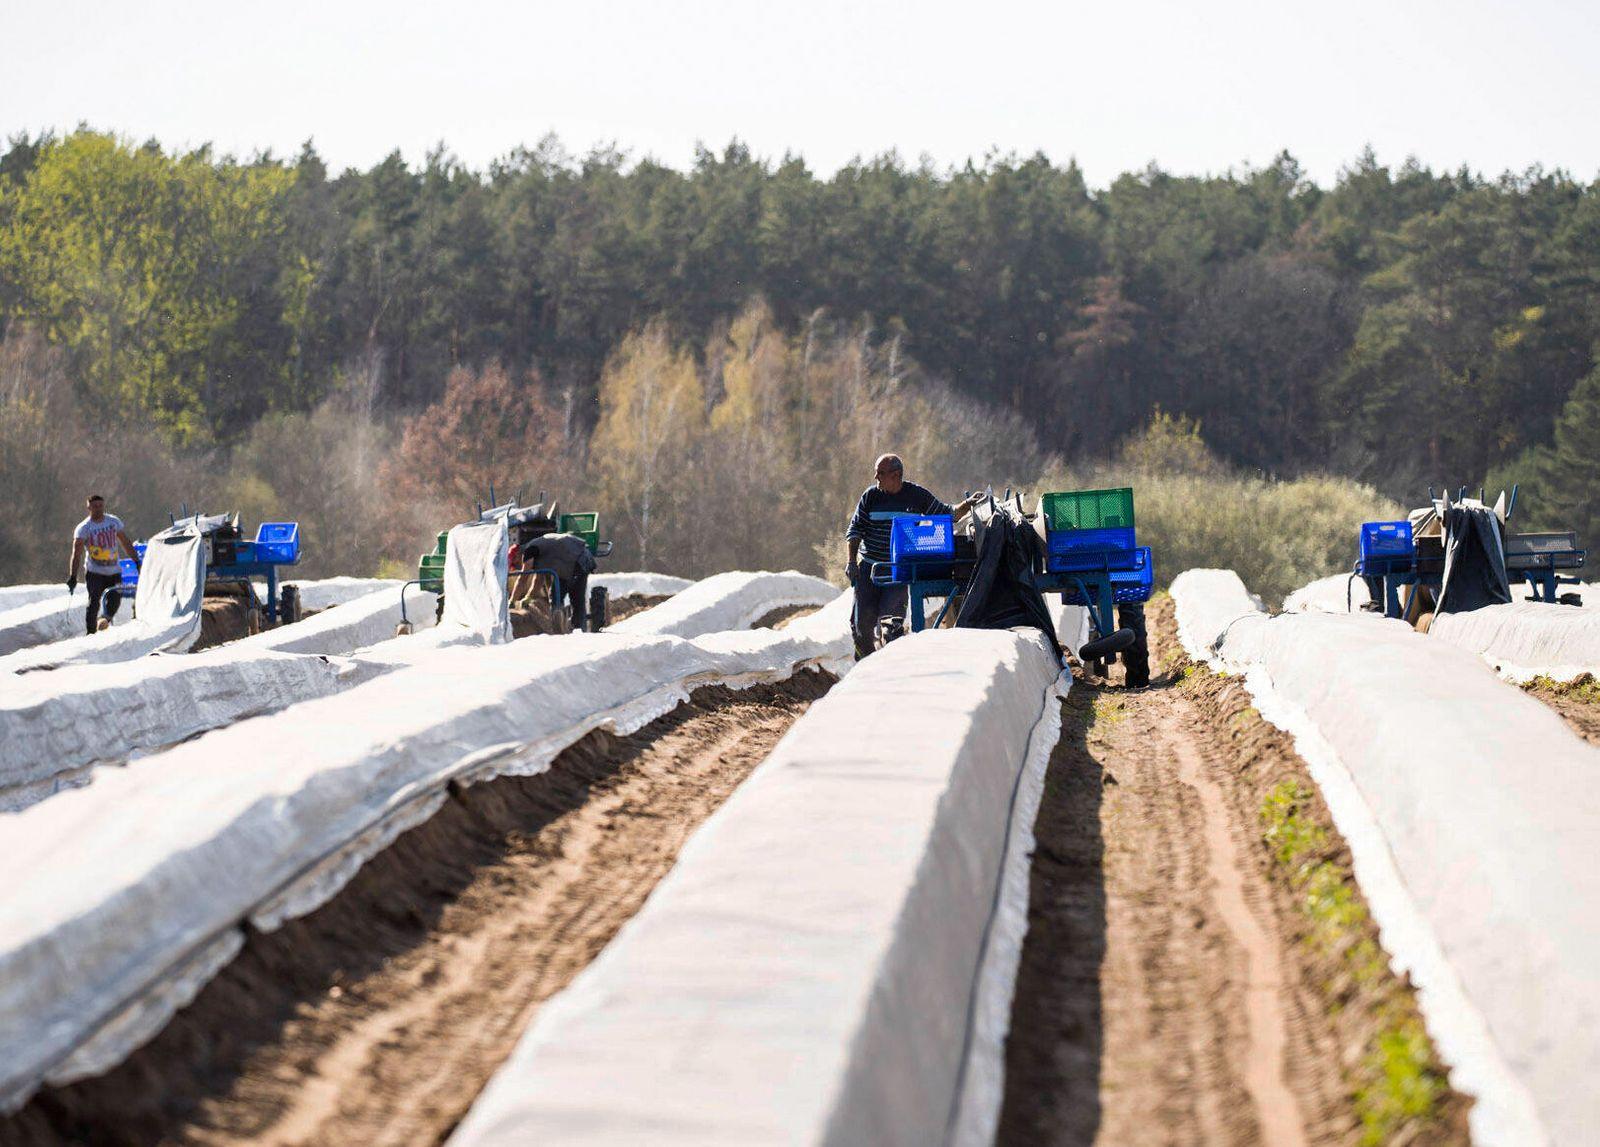 Erntehelfer aus Rumaenien stechen Spargel in den Feldern von Jakobs in Beelitz, Brandenburg am 11. April 2020. Spargeler